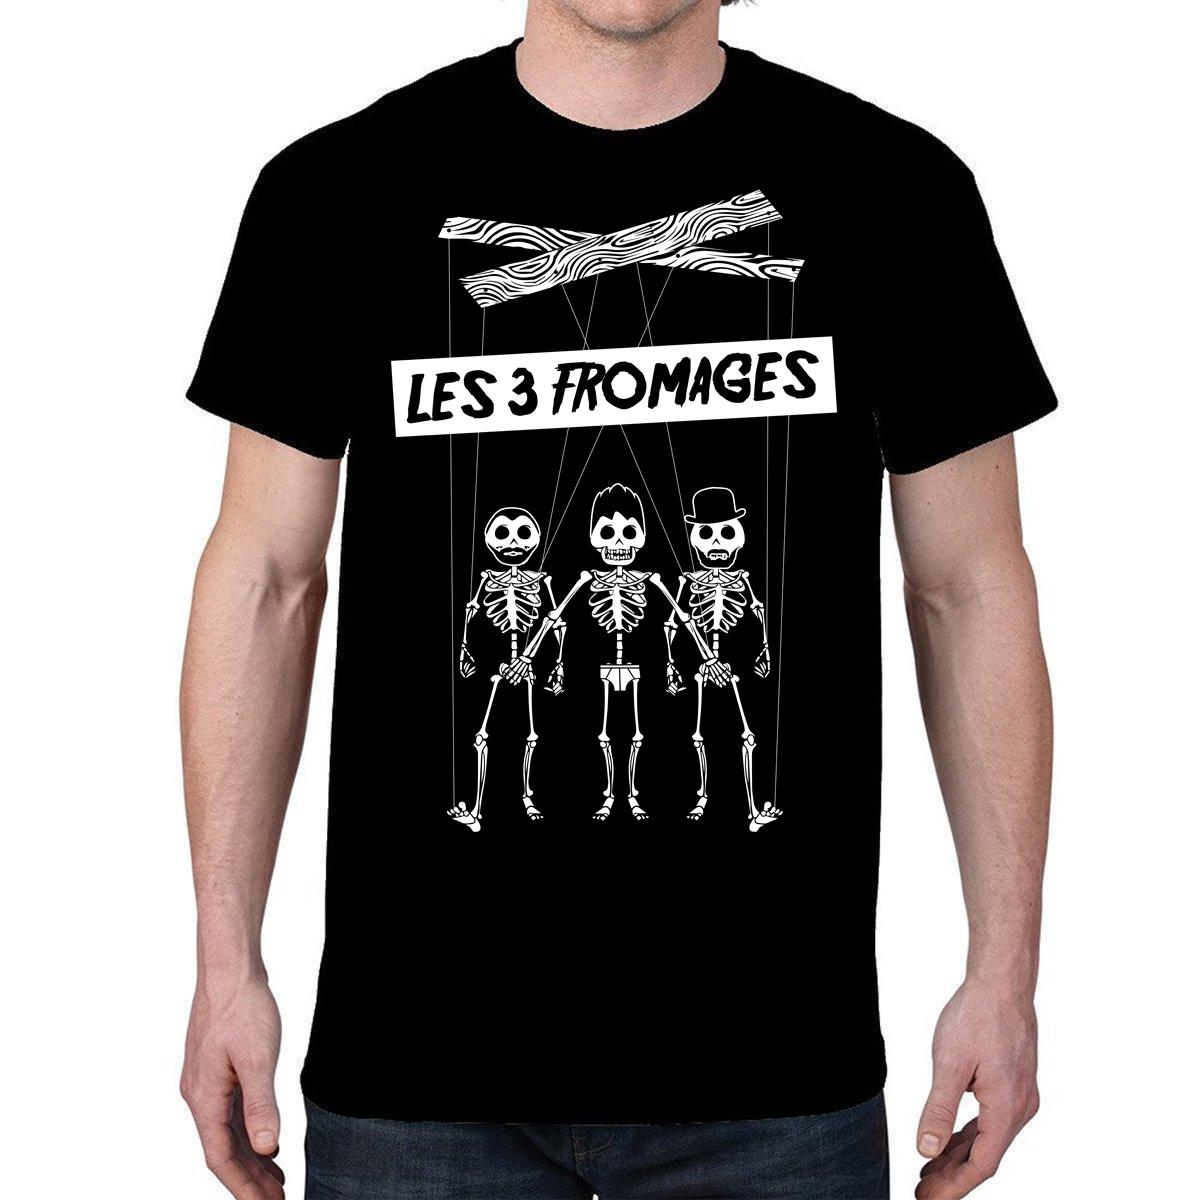 Les 3 Fromages T-shirt homme « Marionnettes »